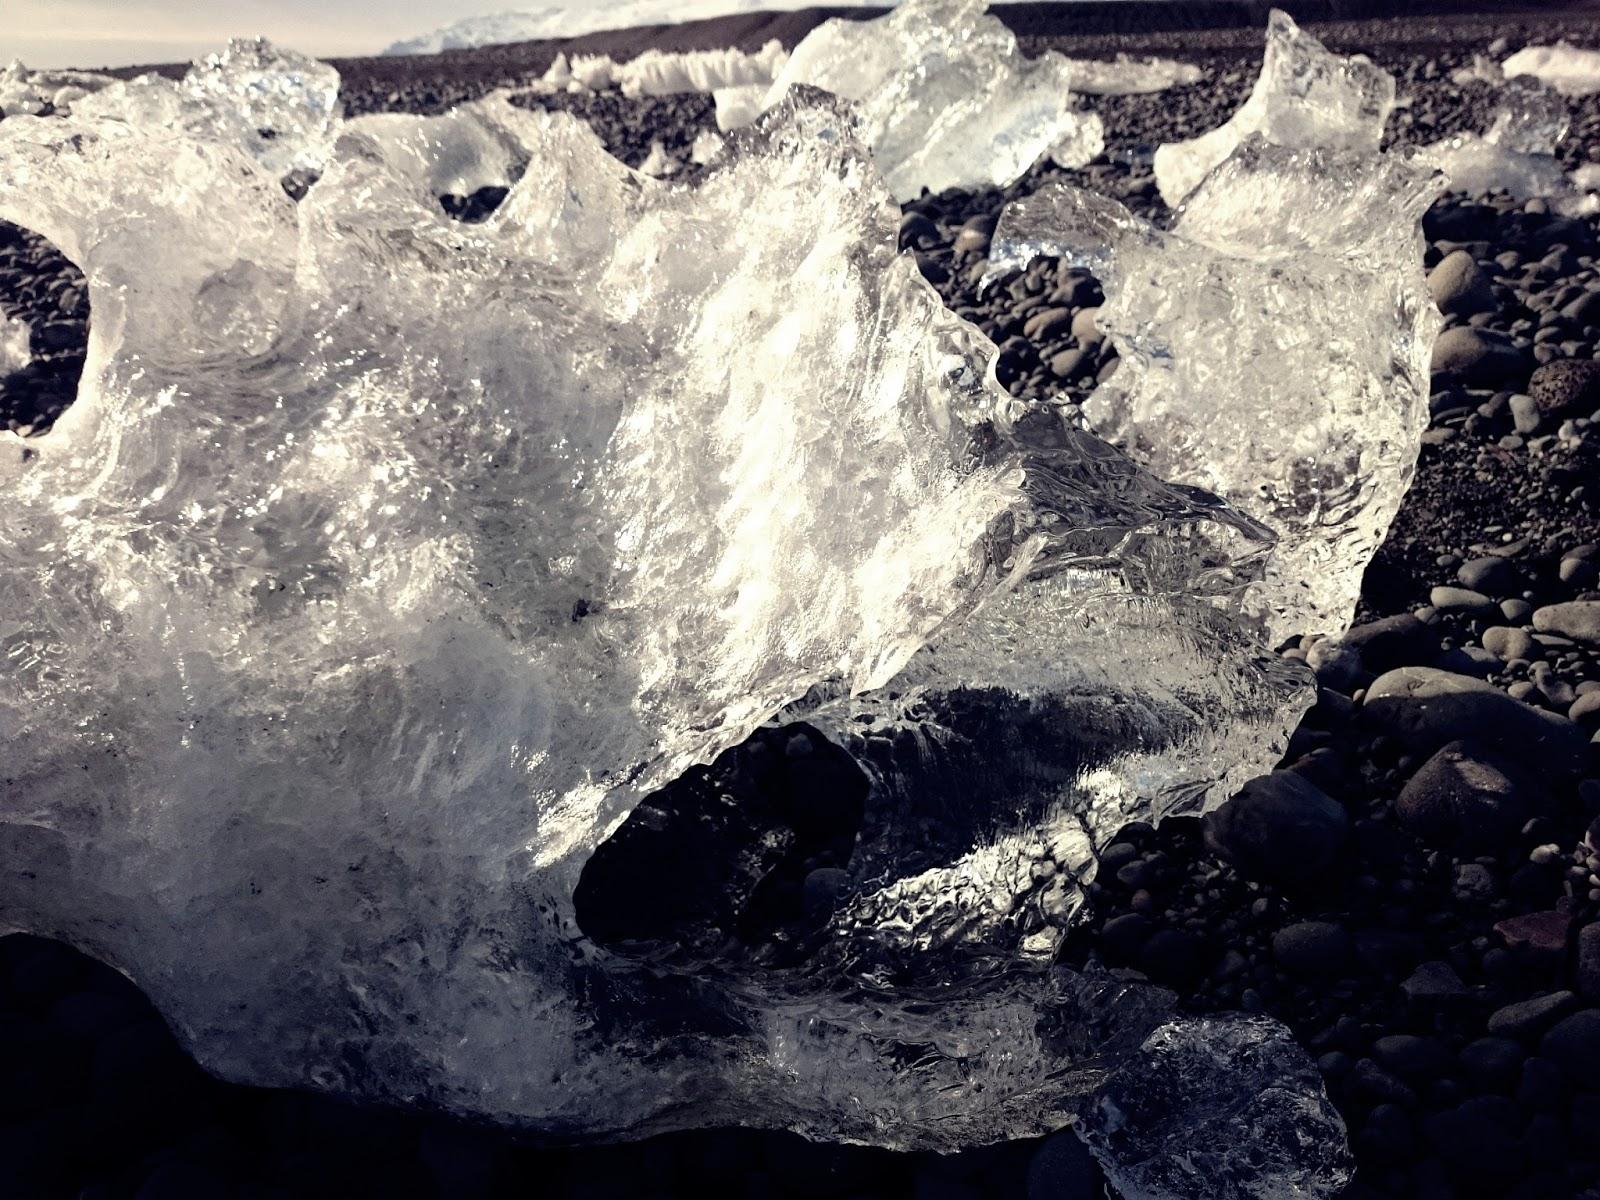 bryła lodu, czarna plaża, Laguna Lodowcowa, Islandia, Ice Lagoon, Jokulsarlon, lodowiec,, panidorcia, blog o Islandii